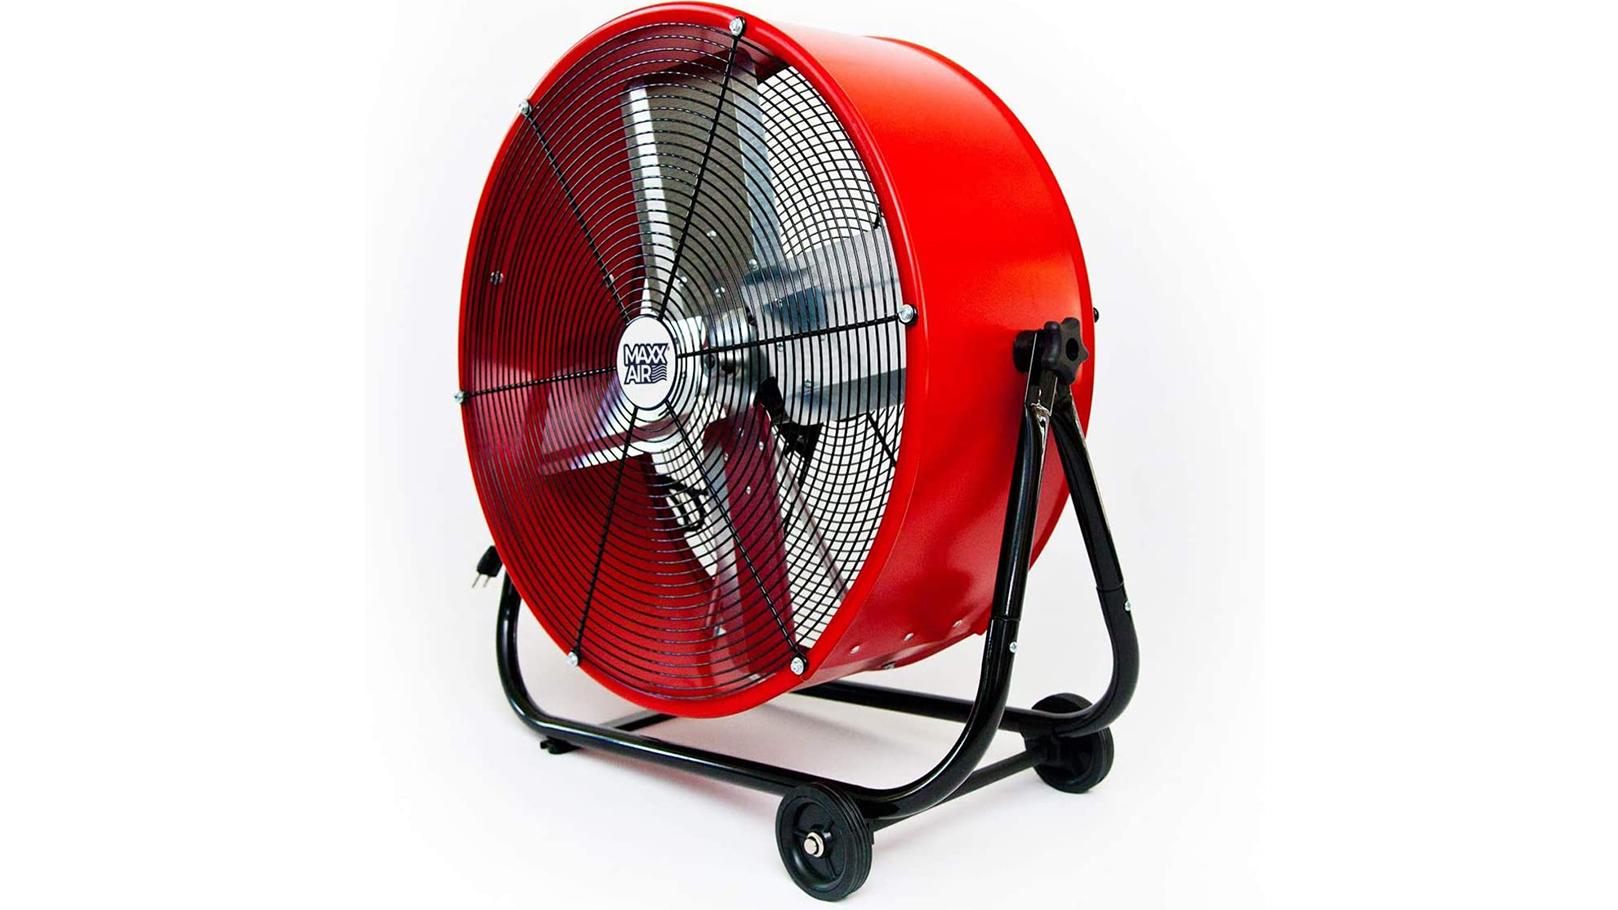 Maxx Air Industrial Grade Air Circulator